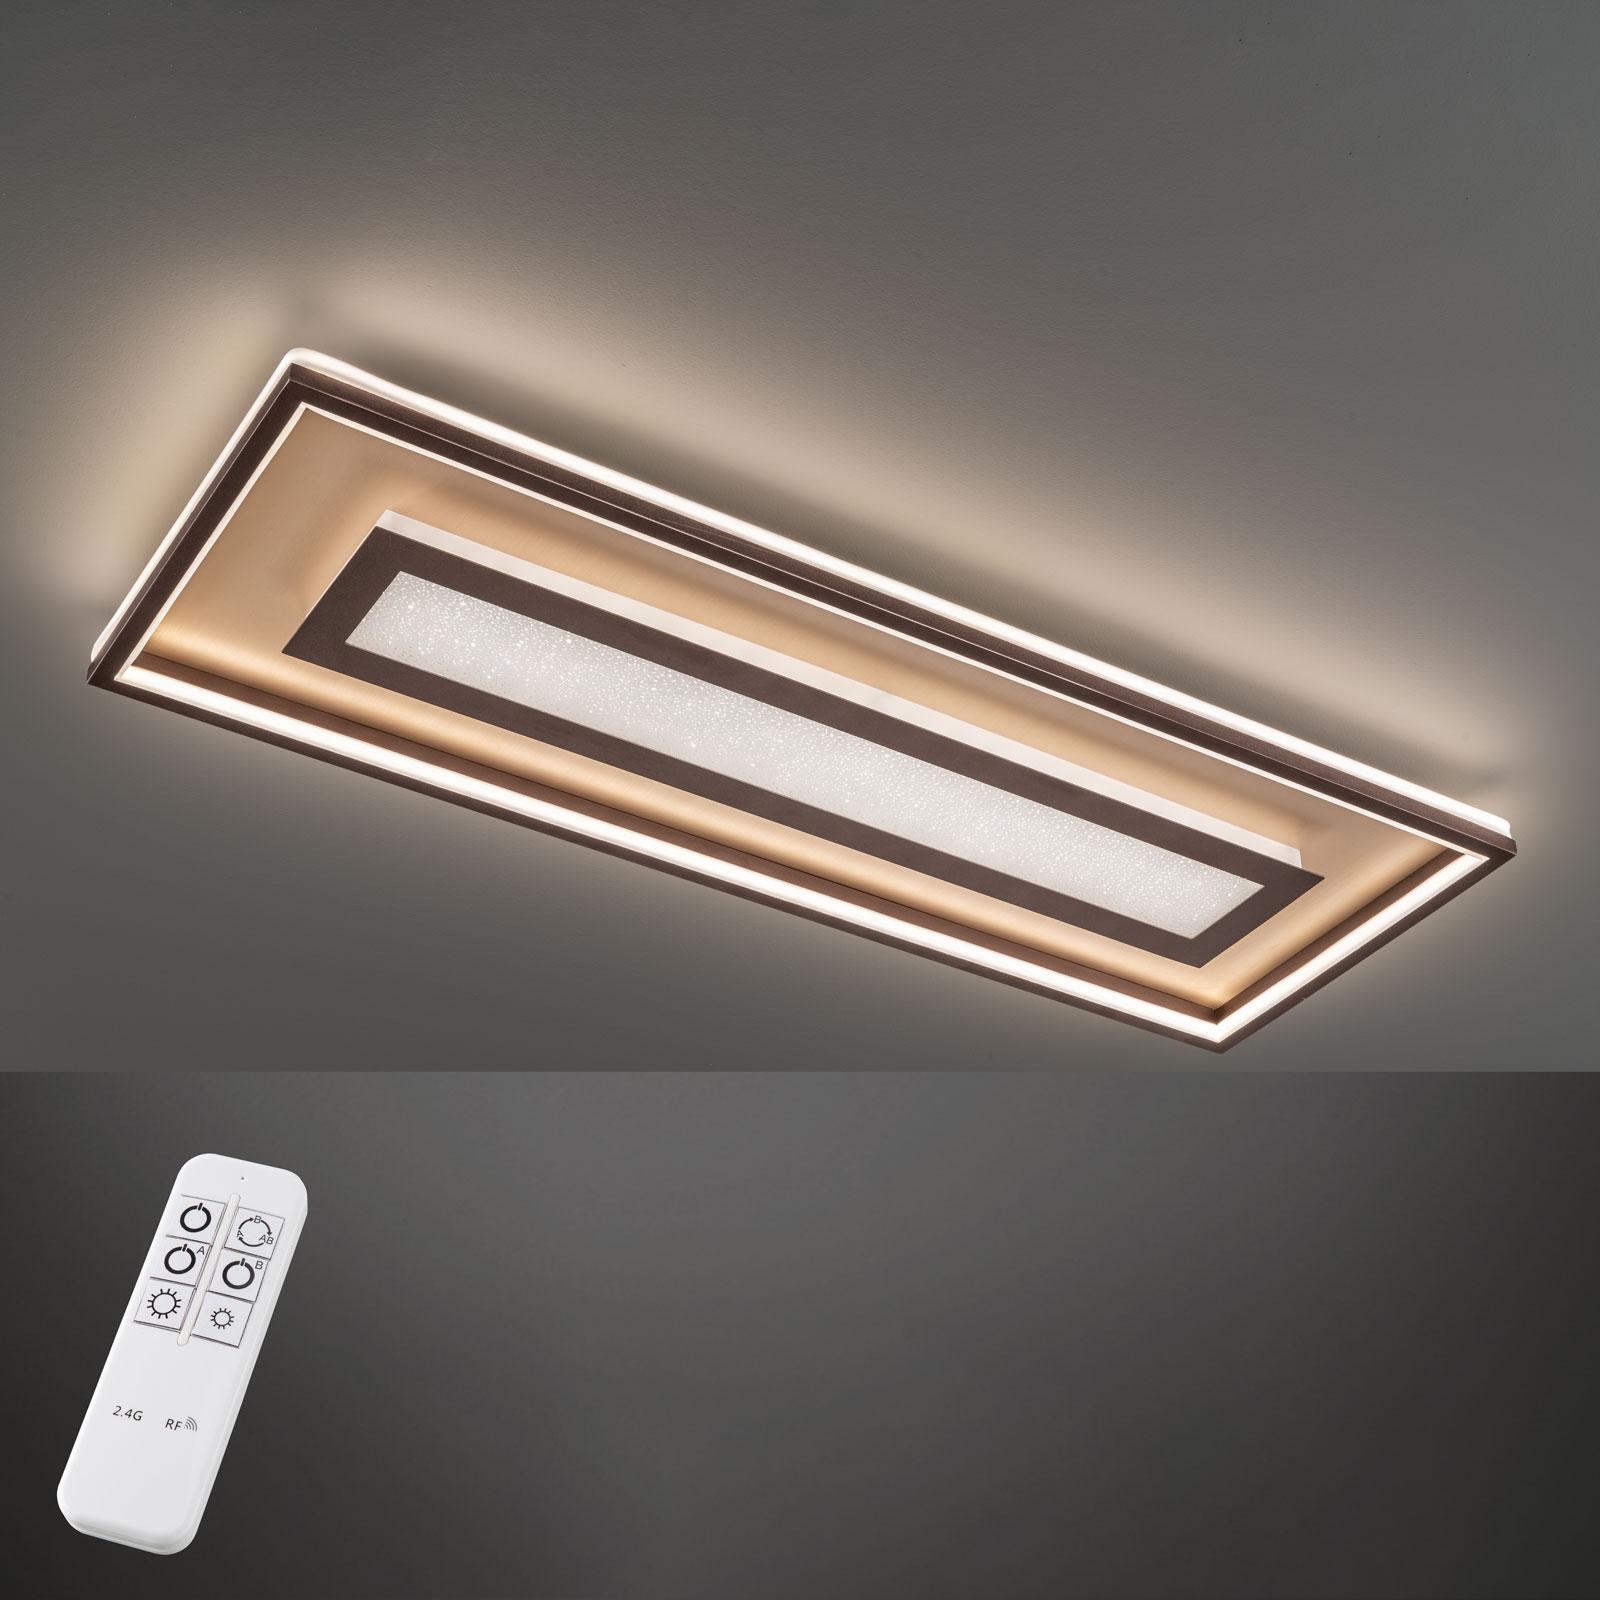 Lampa sufitowa LED Bug prostokątna 110x40 cm, rdza